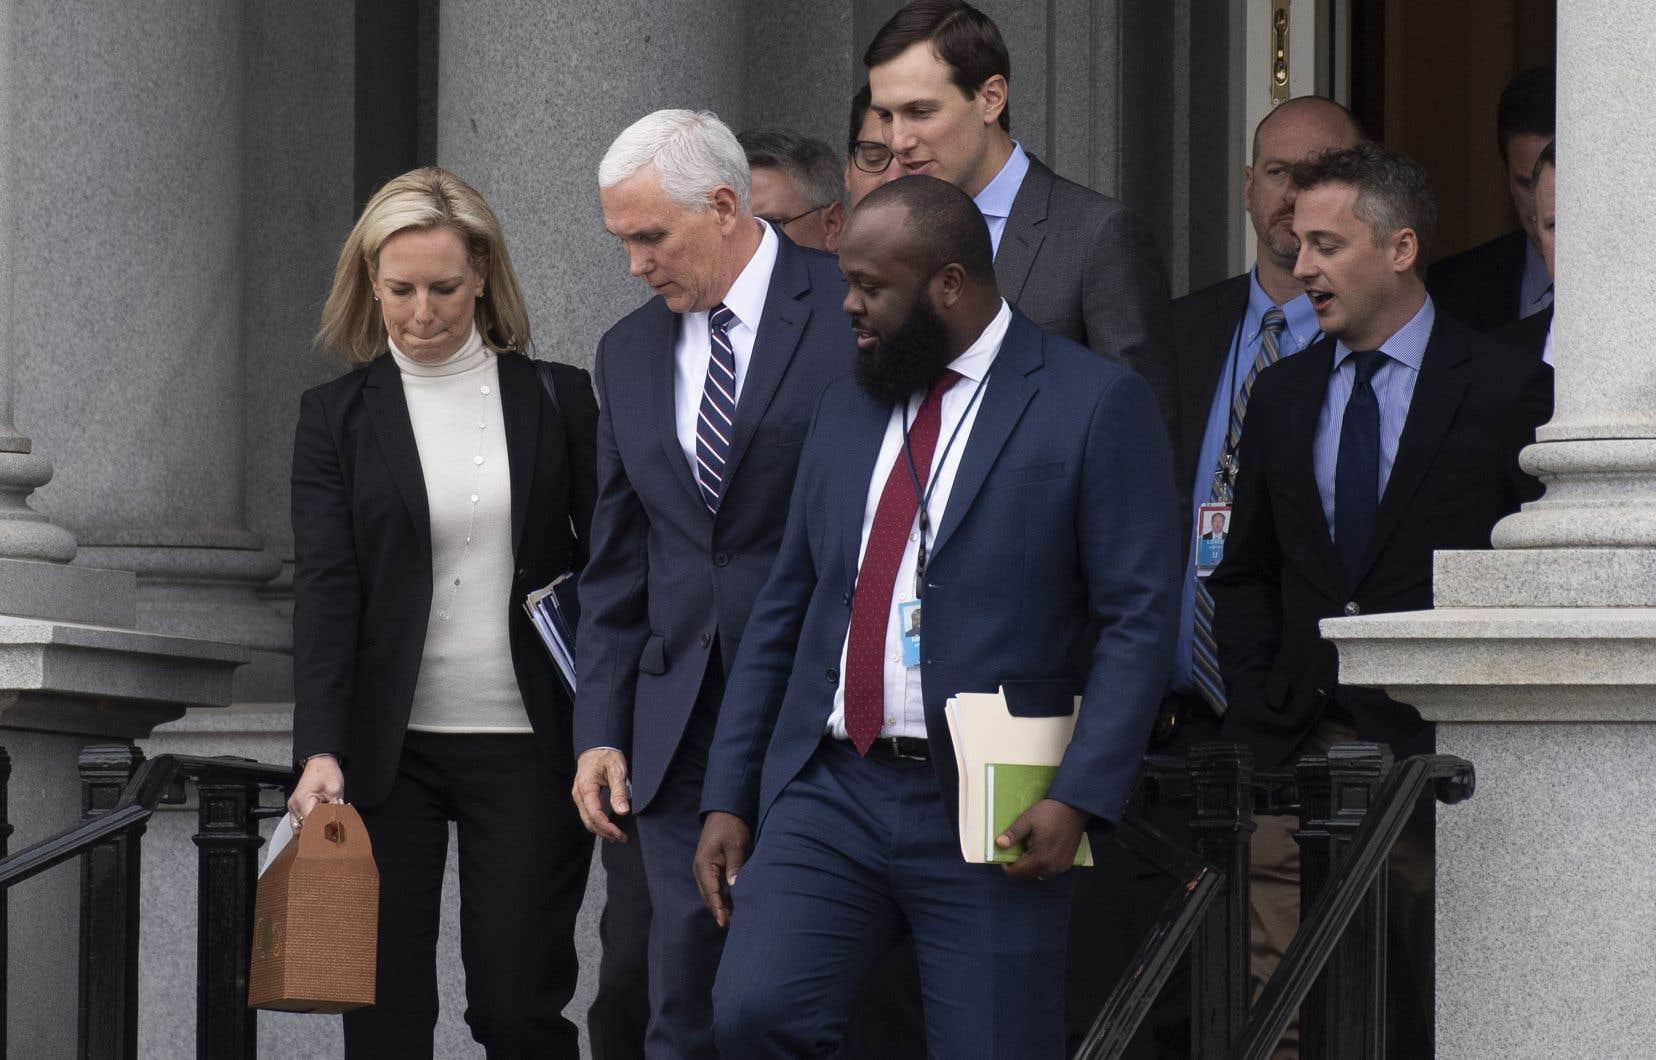 Le vice-président Mike Pence (au centre), qui dirigeait les négociations, a qualifié la session de samedi de «productive».